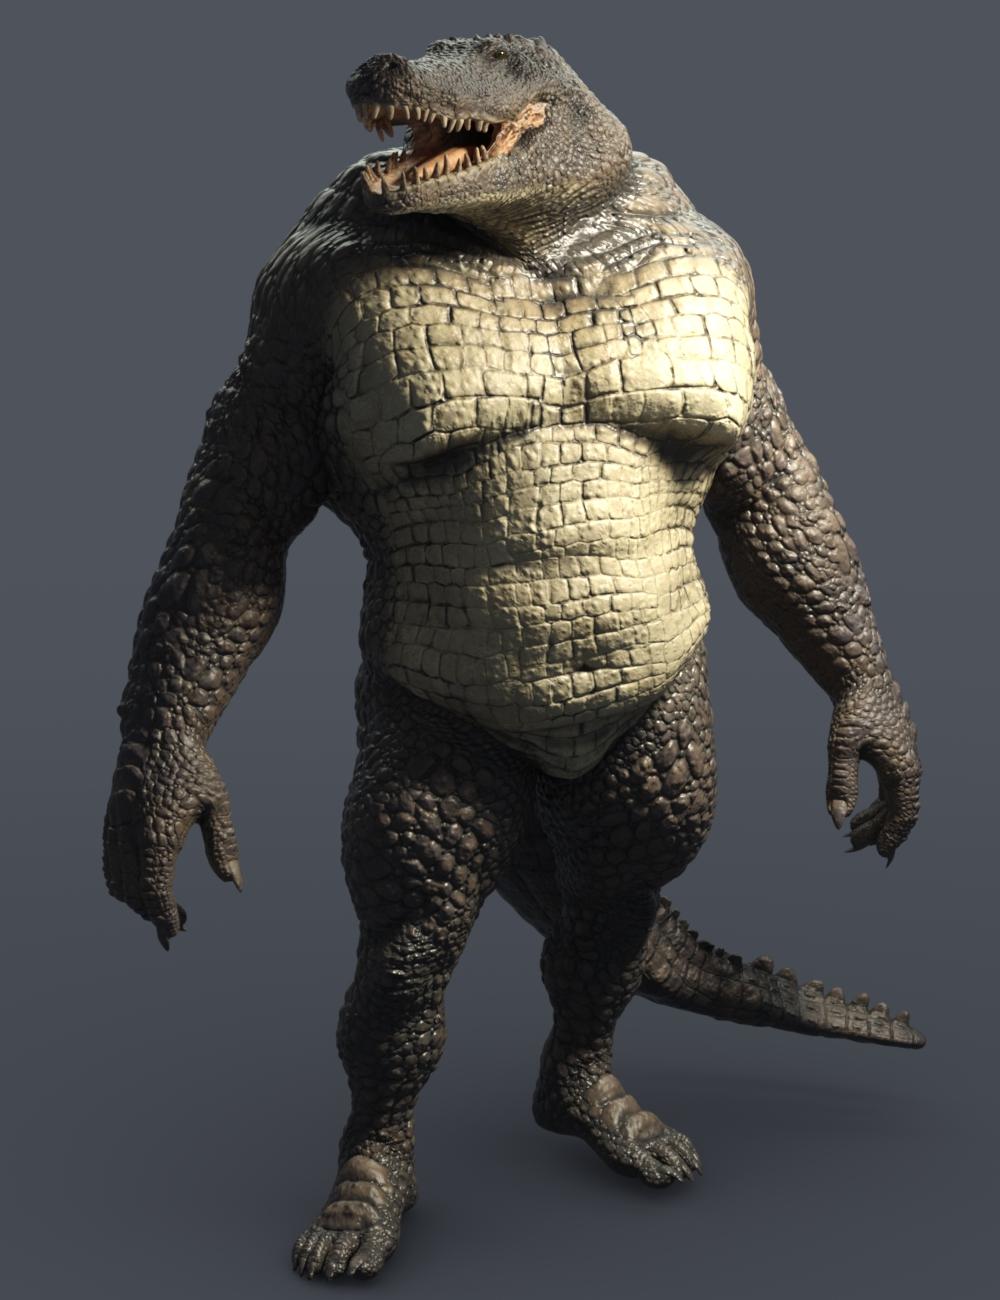 Sobek HD Crocodile for Genesis 8 Male by: JoeQuick, 3D Models by Daz 3D